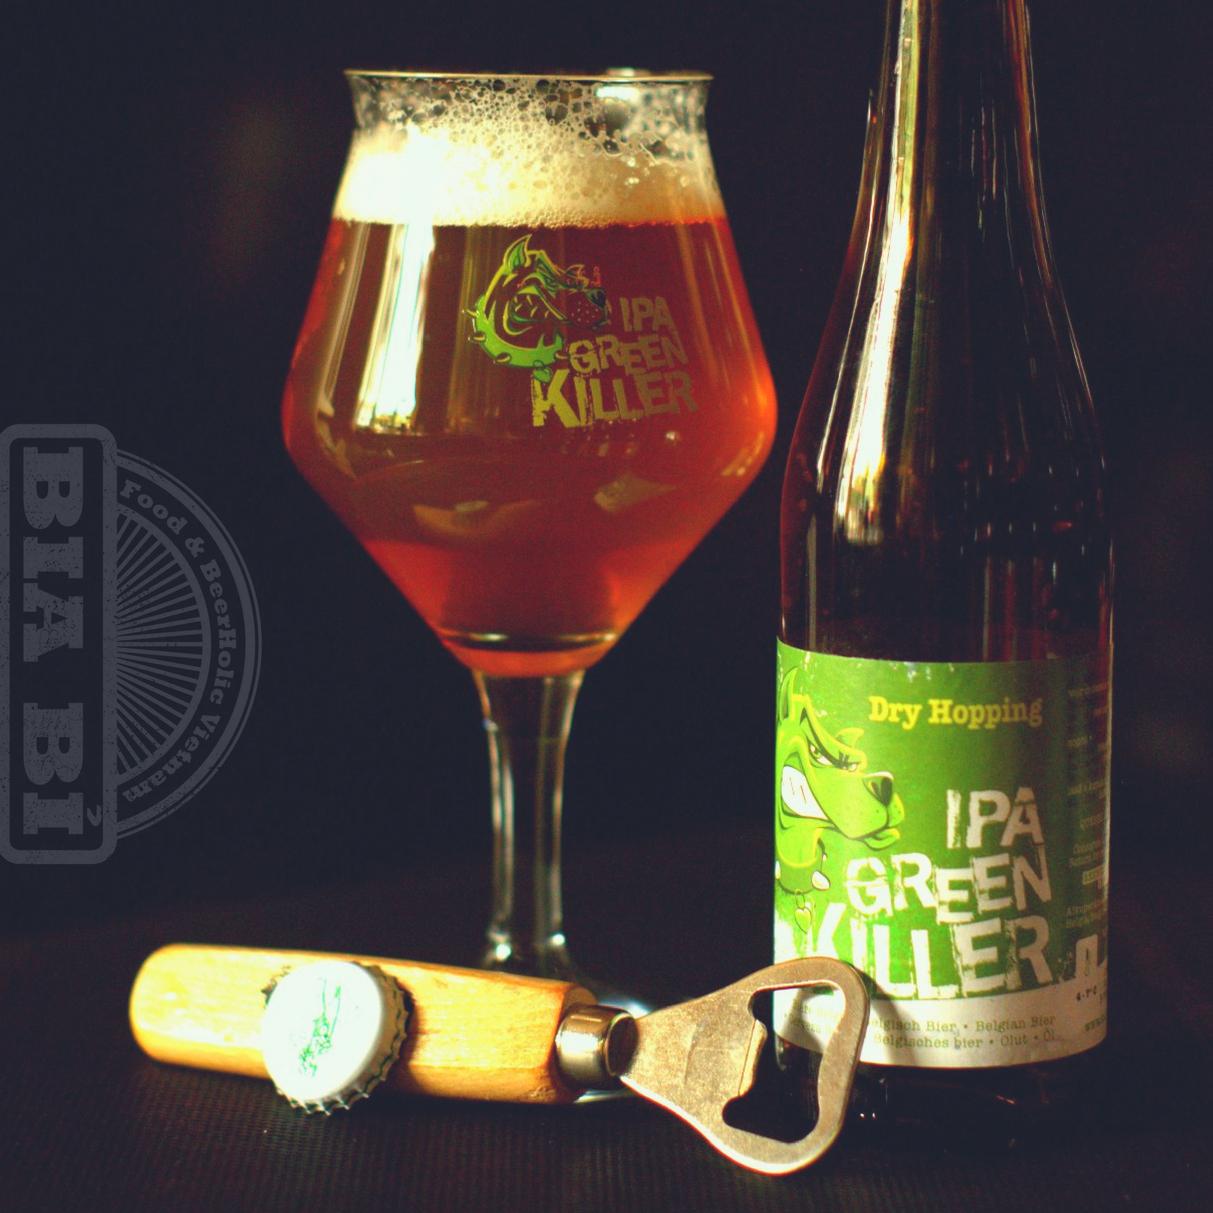 """Bia đắng Bỉ IPA Green Killer 6,5% ABV - """"Kẻ giết người màu xanh""""."""